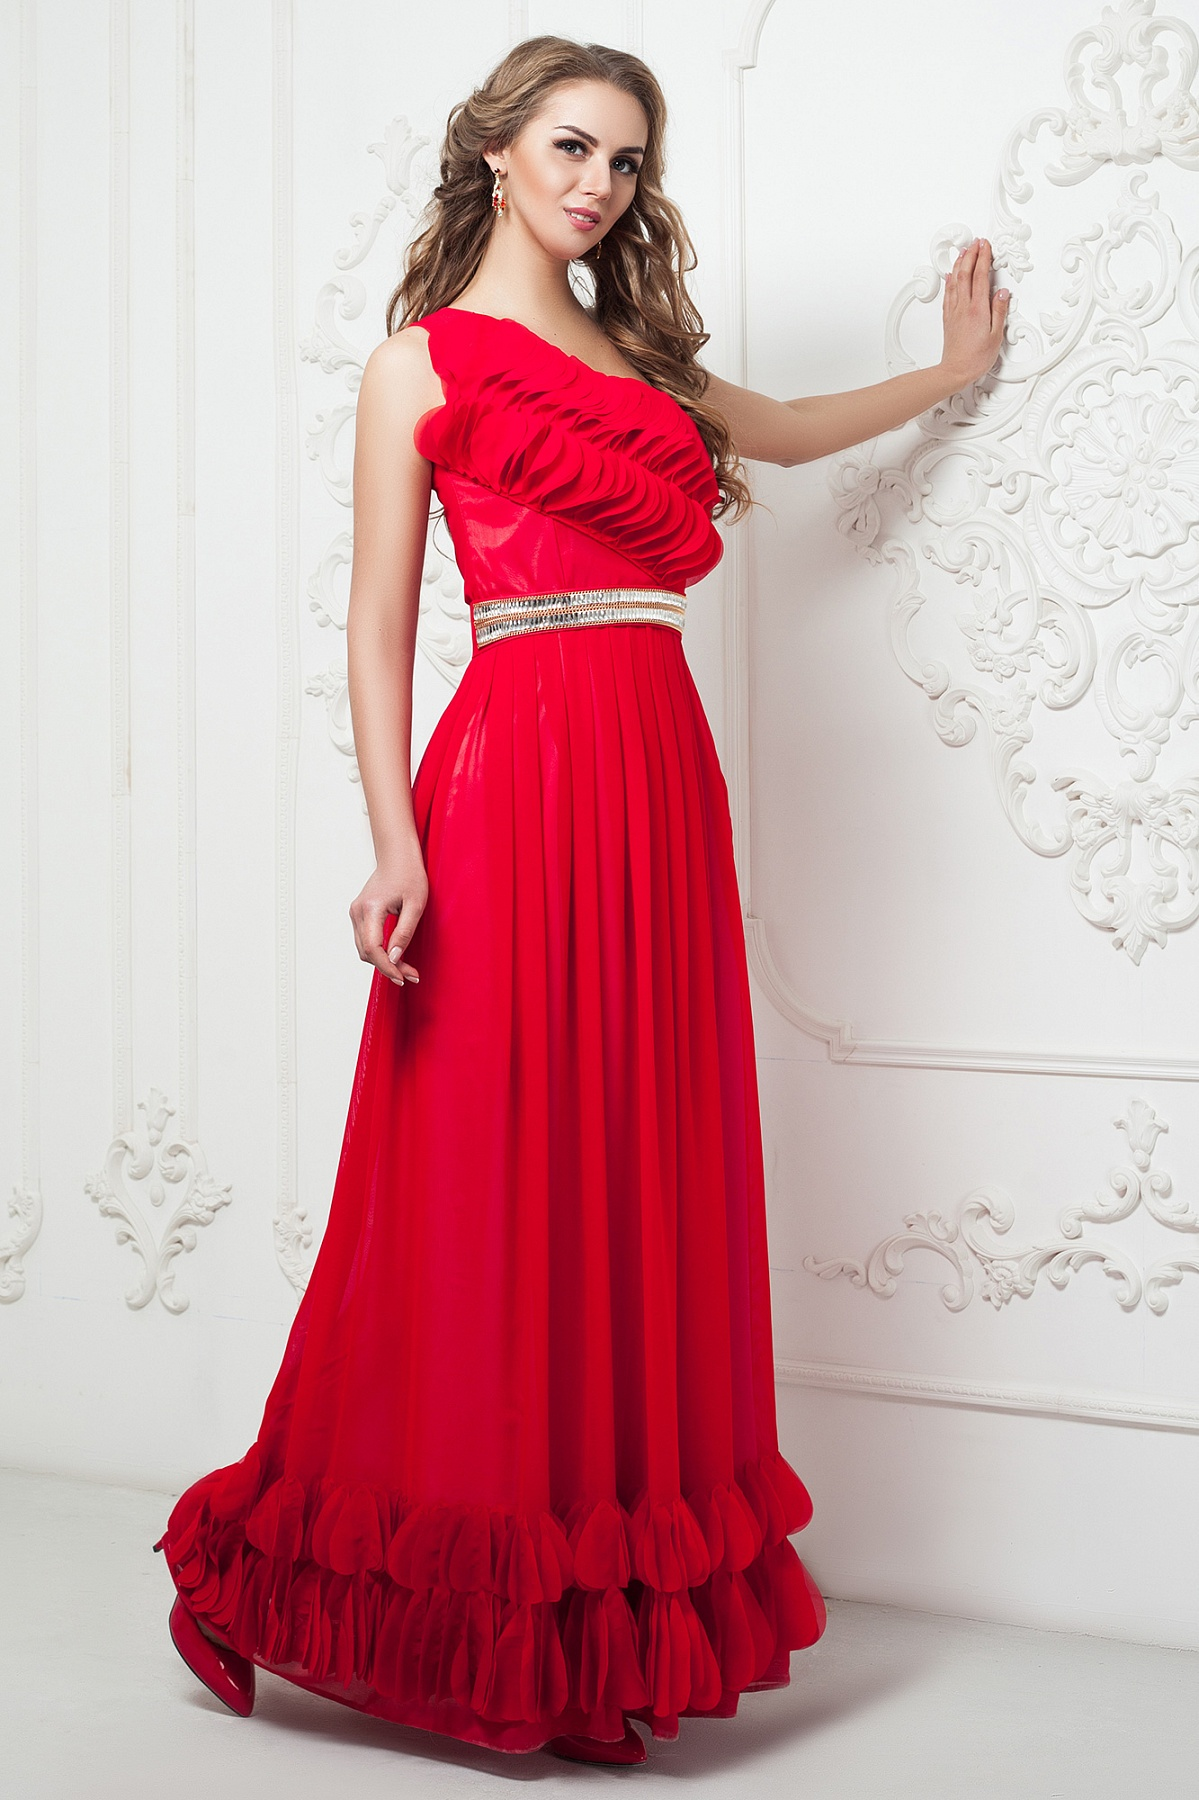 купить нарядное платье омск